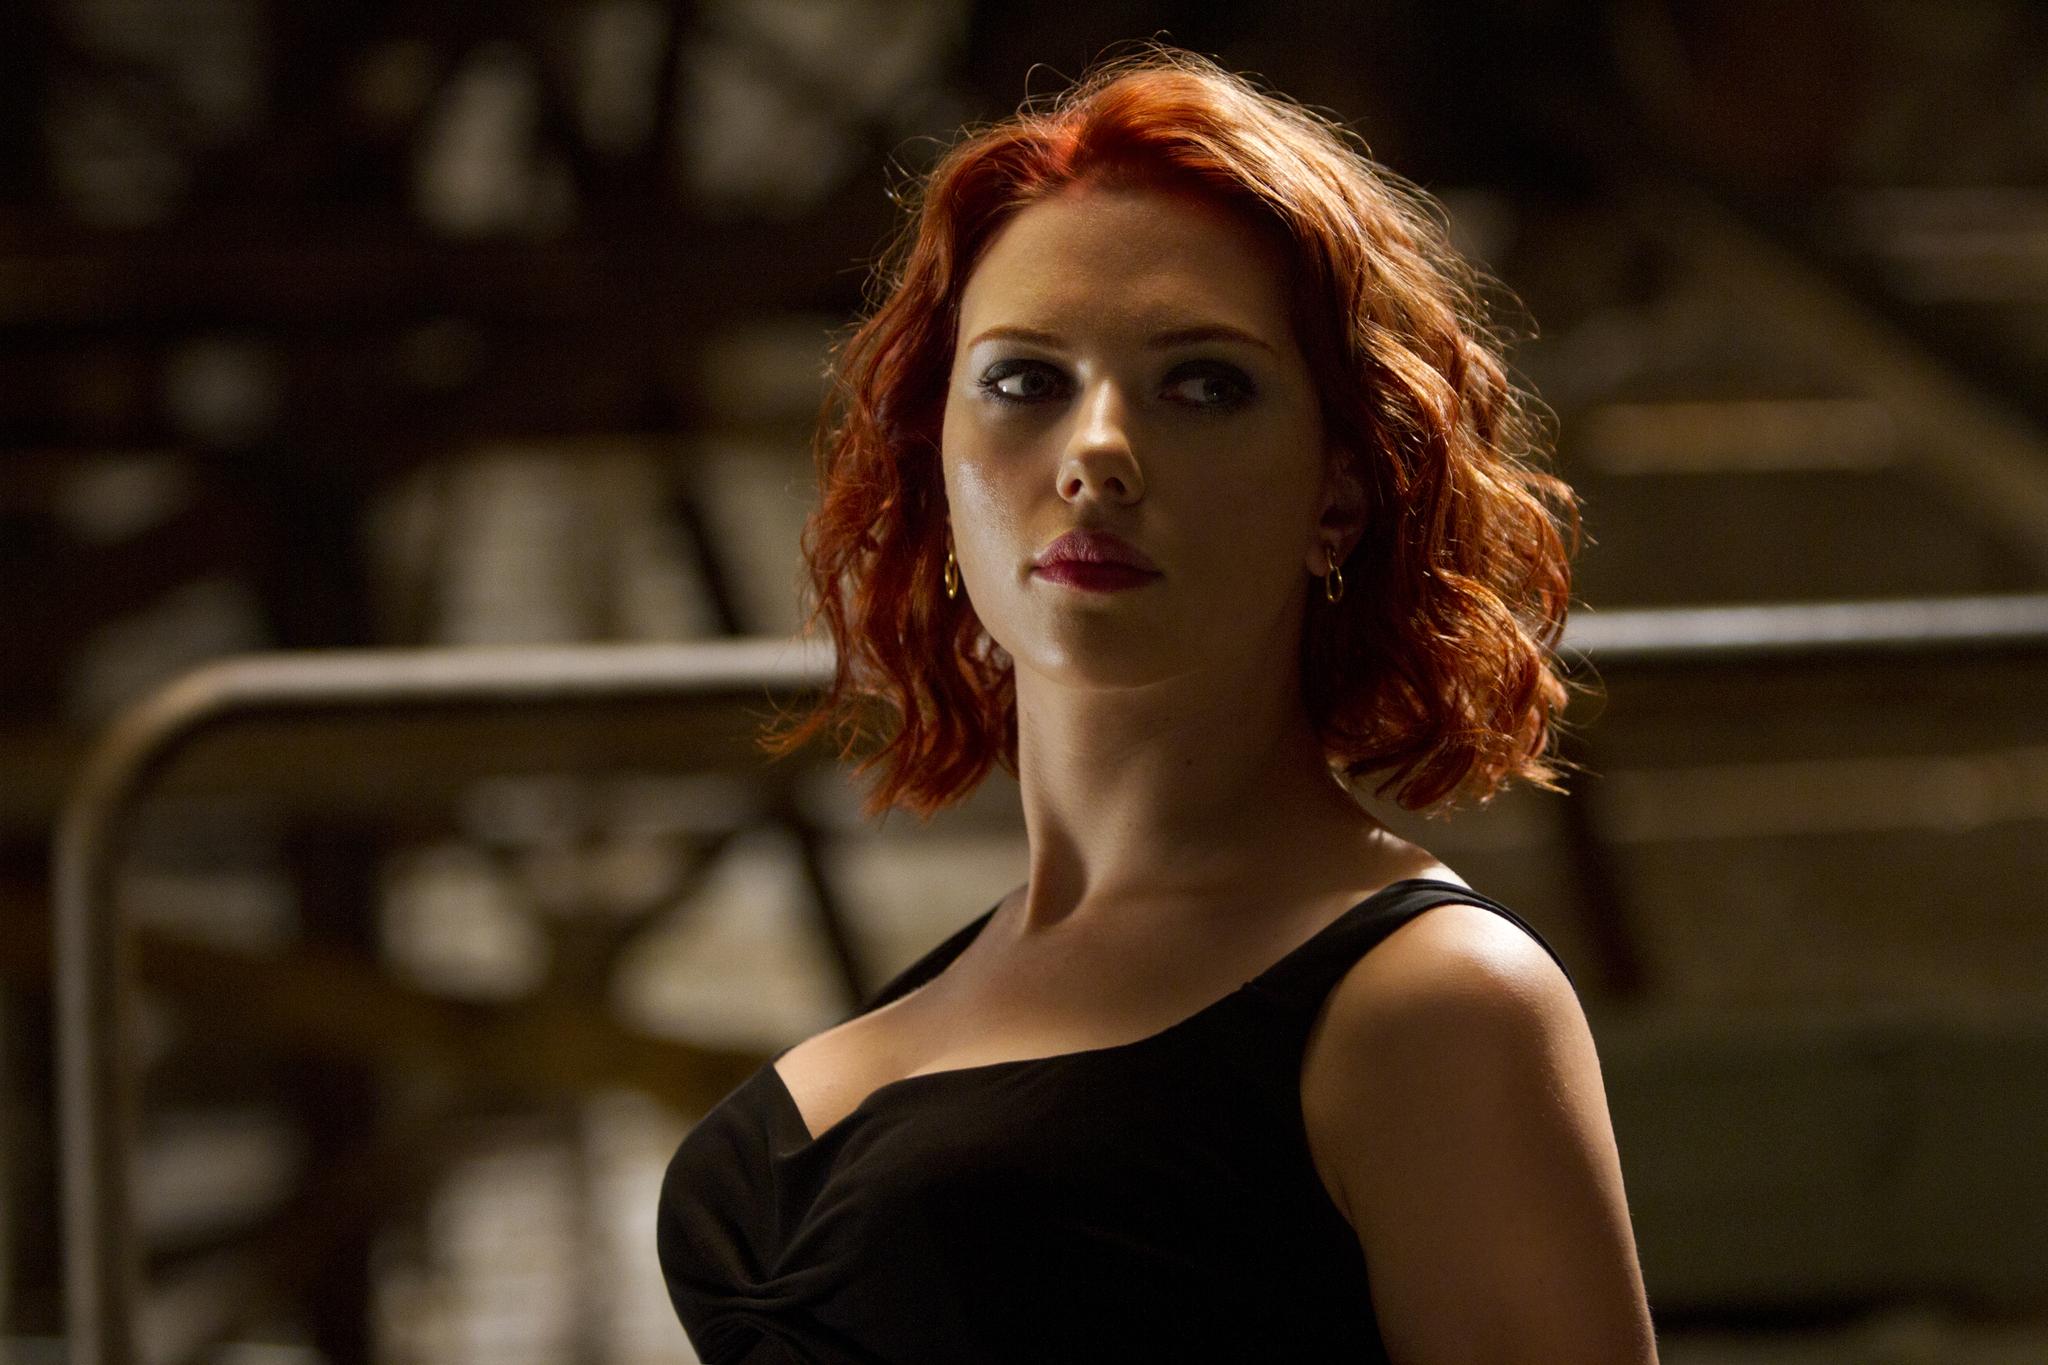 Scarlett-Johansson-The-Avengers